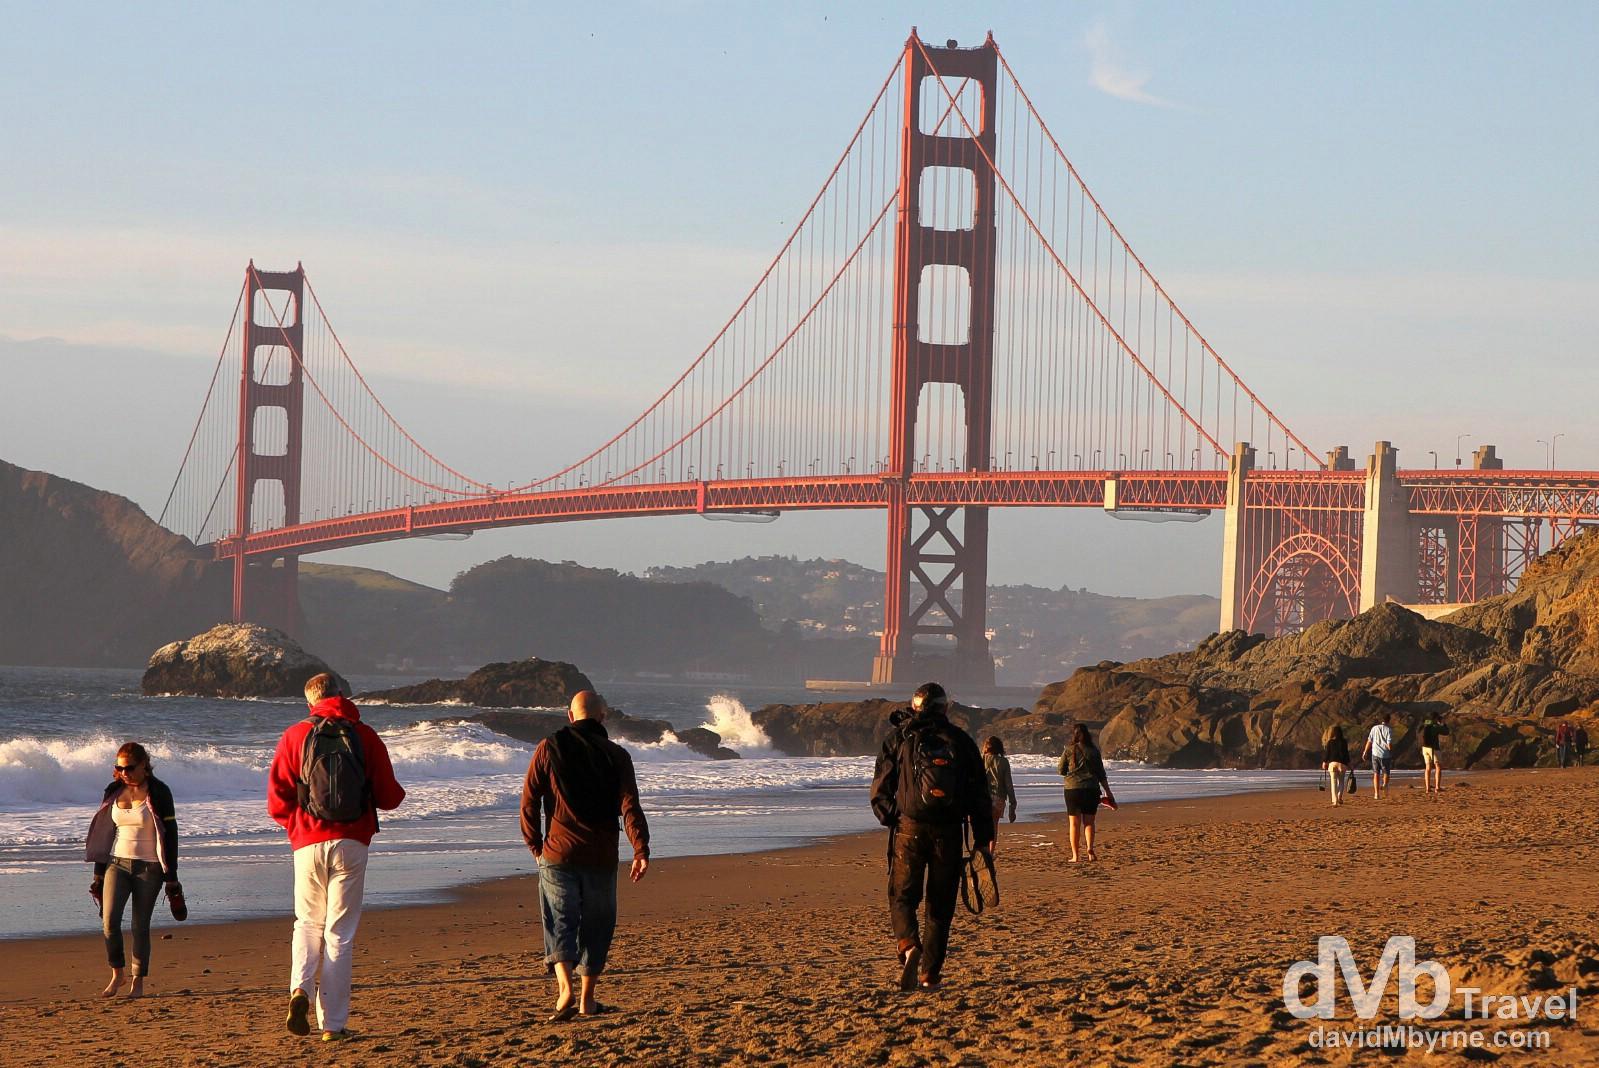 Baker Beach, San Francisco, California, USA. April 10th 2013.